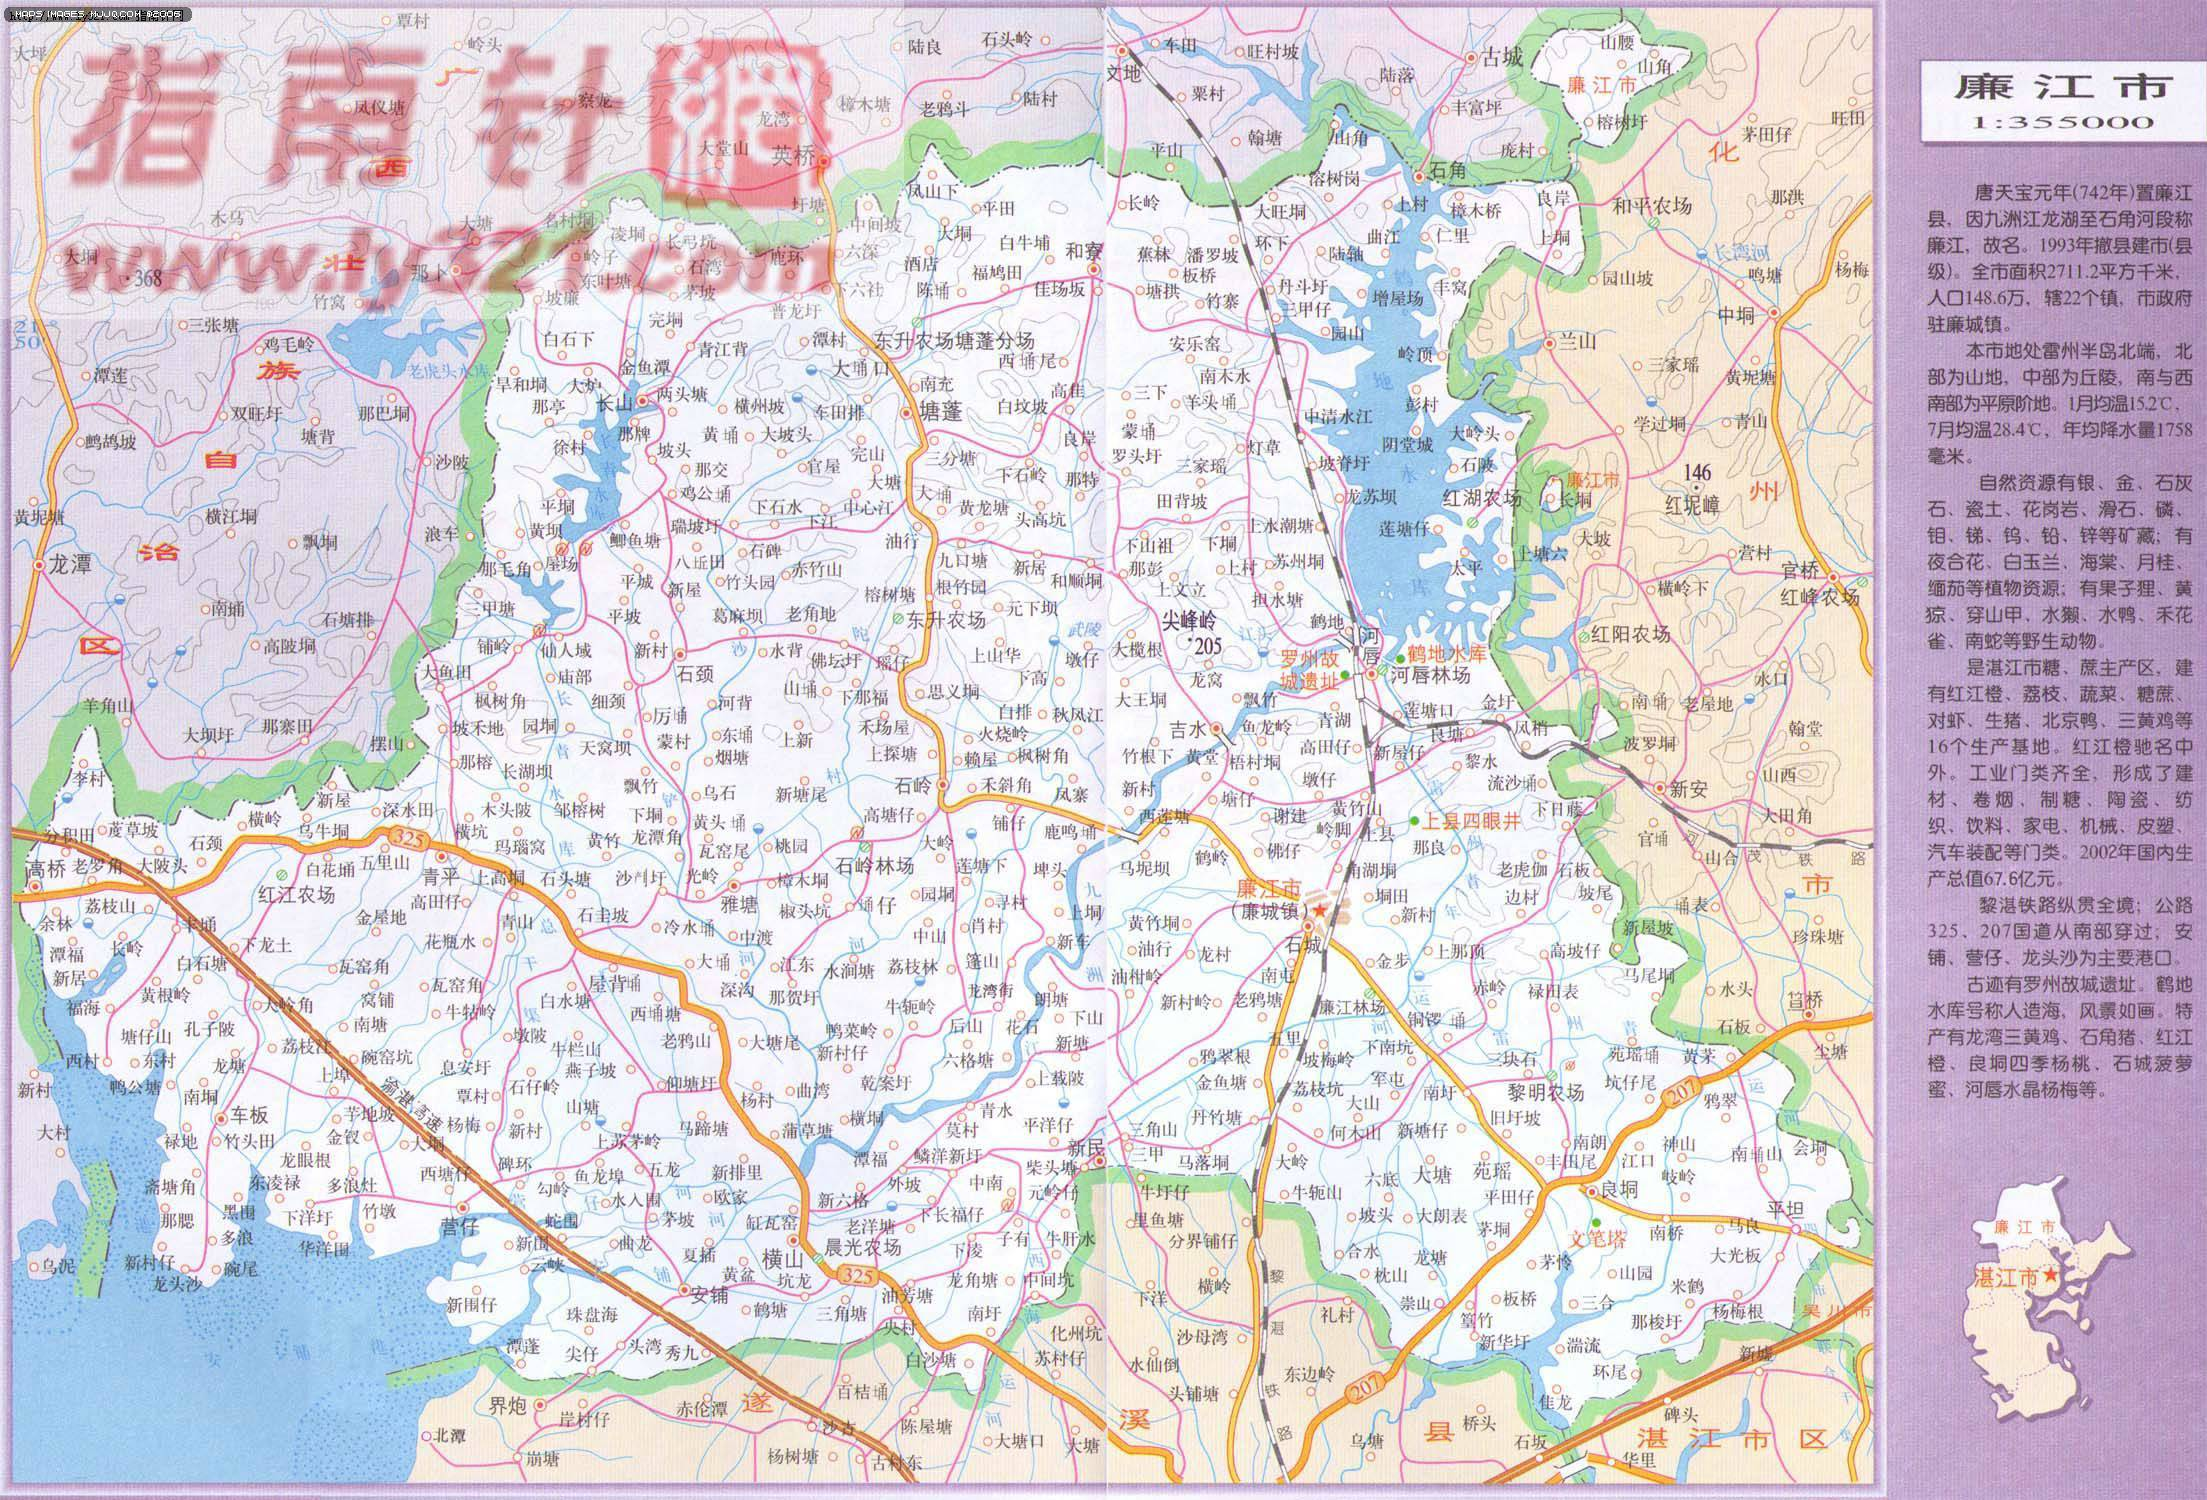 广东省湛江市廉江市地图 - 广东旅游地图 中国地图 - 美景旅游网